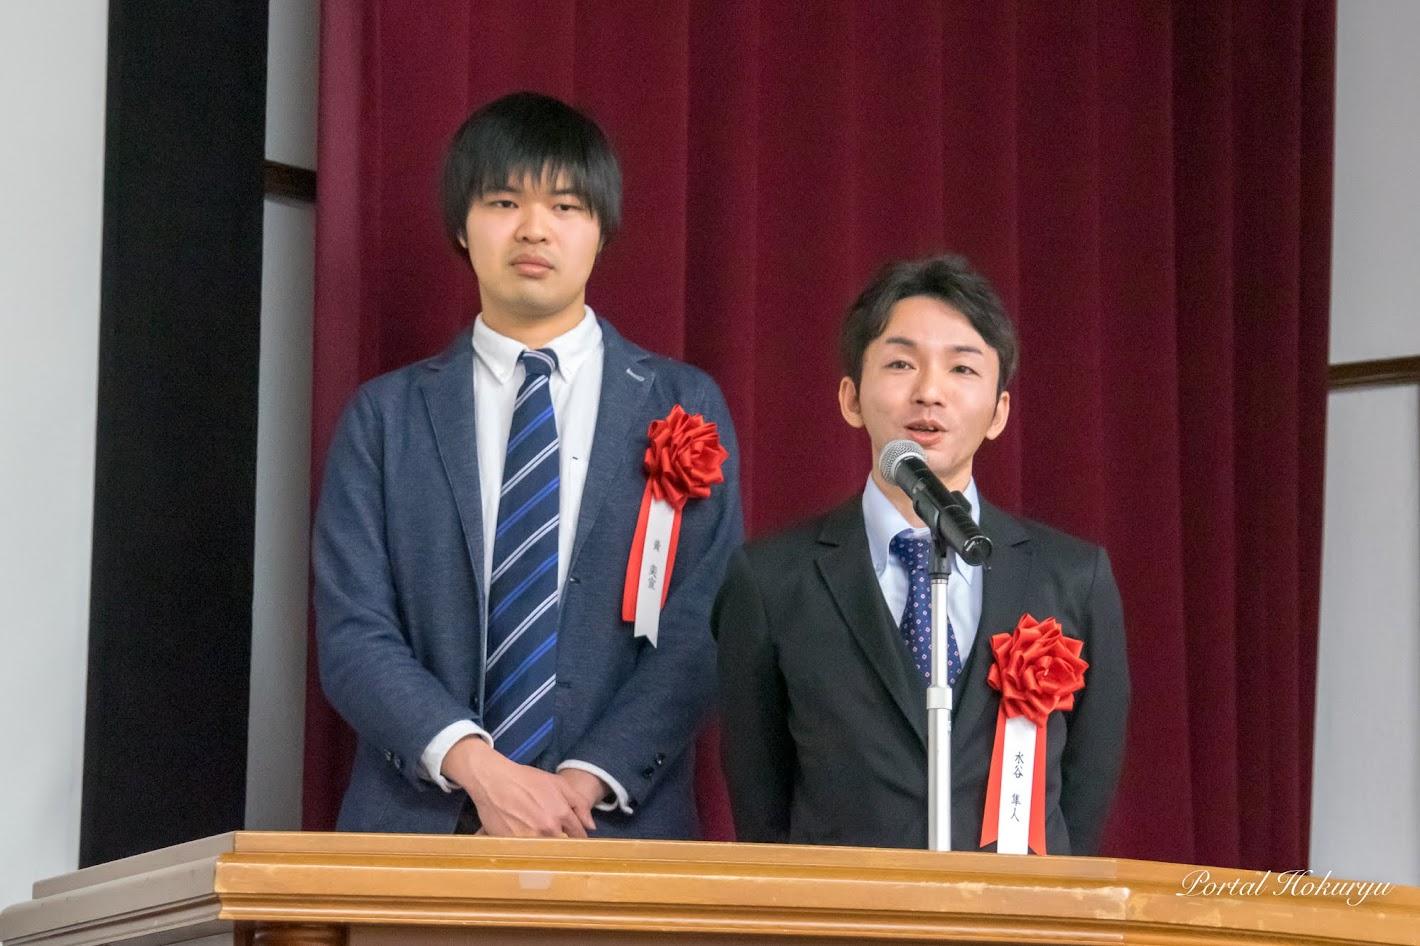 水谷隼人さん(右)、黃奕宣さん(左)